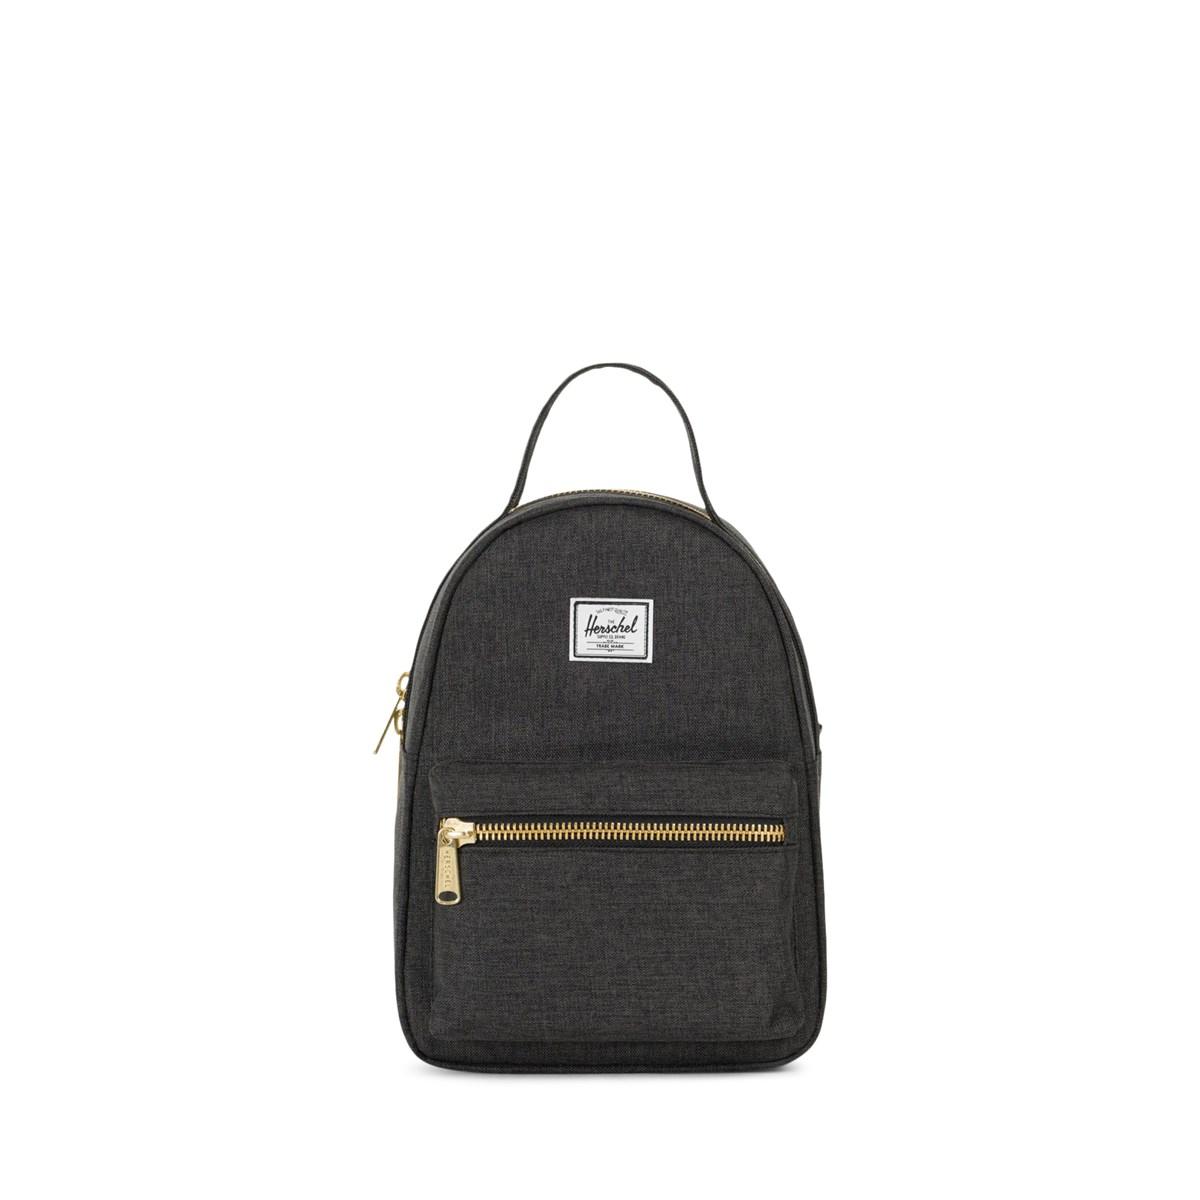 154aad073fc0 Nova Mini Backpack in Black Crosshatch